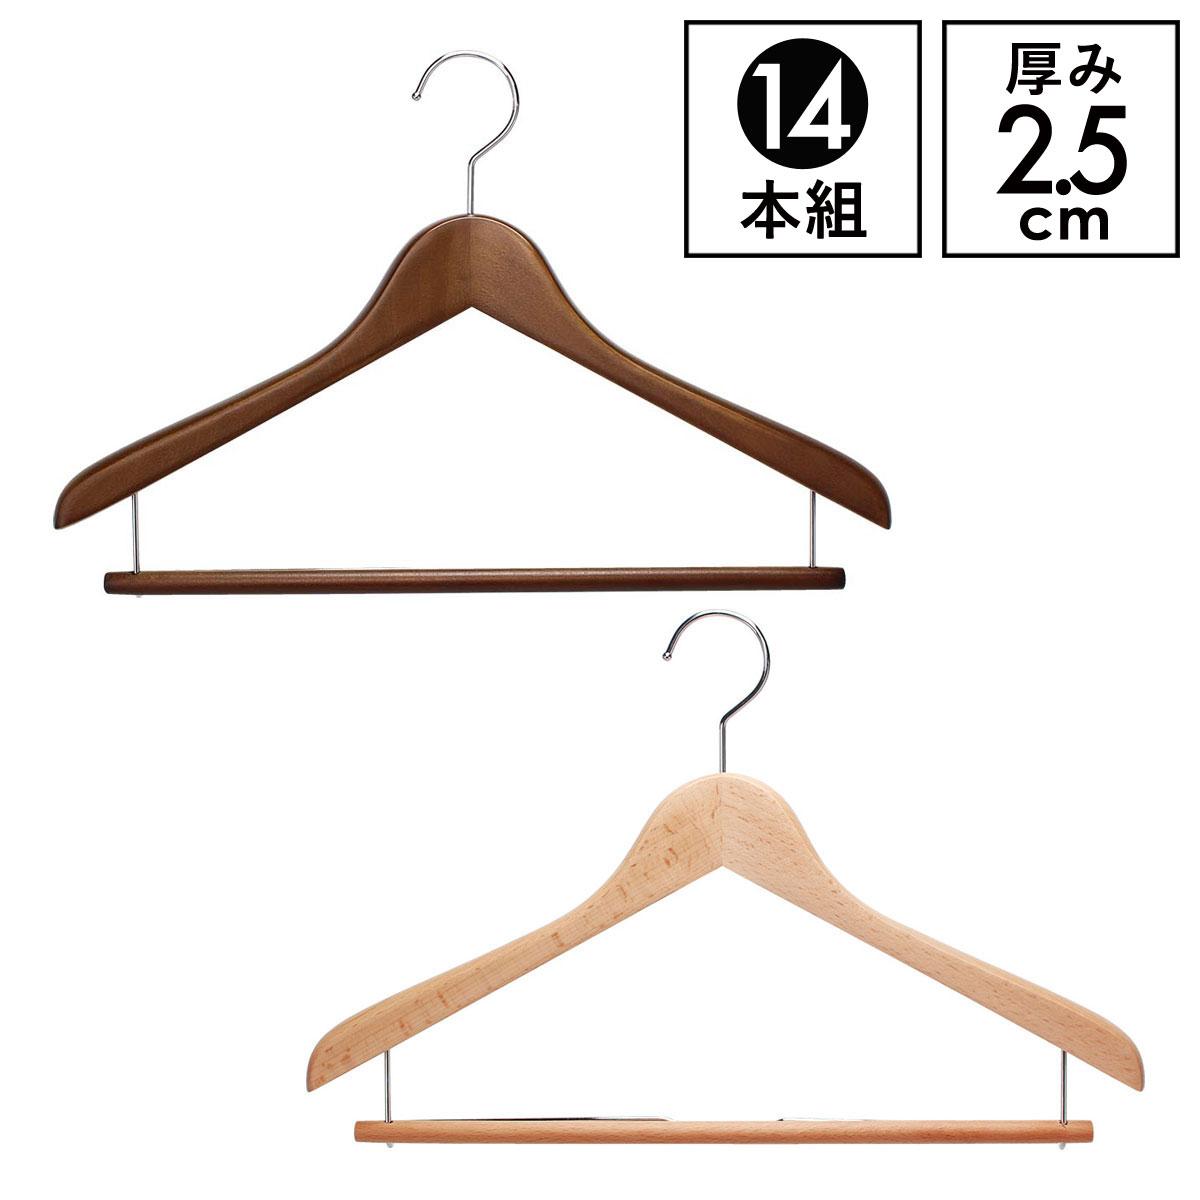 【最大2,000円OFFクーポン】木製ハンガー 名入れ対応 42 ハンガー 木製 フォレスタ 25W 14本組